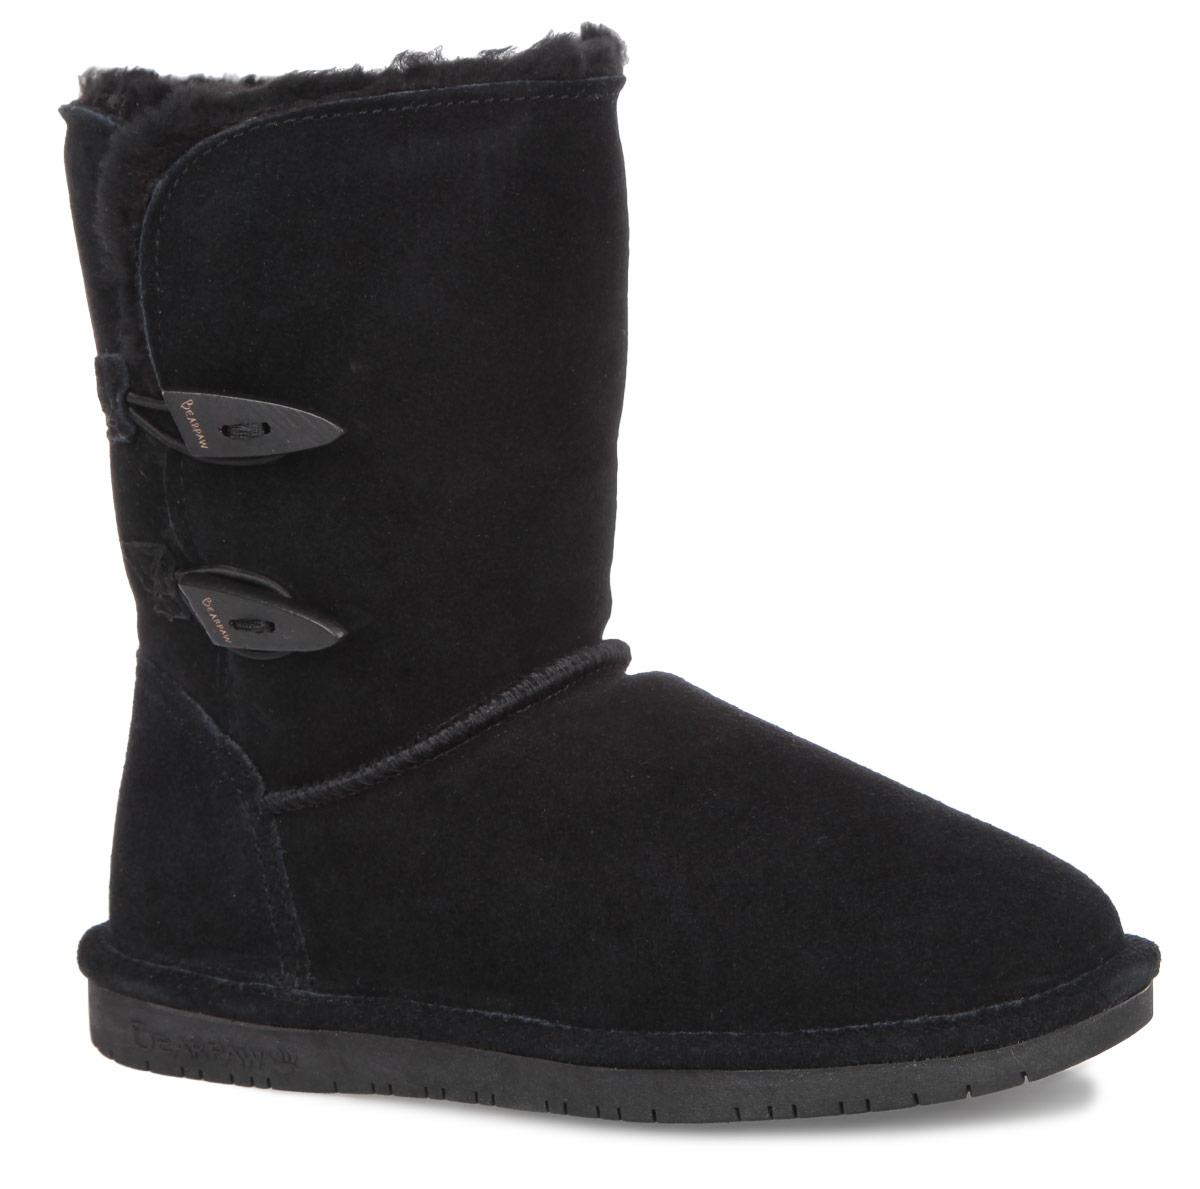 Угги женские Bearpaw Abigail, цвет: черный. 682W. Размер 6 (36)682WМодные угги Bearpaw Abigail не позволят вашим ногам замерзнуть. Обувь выполнена изнатуральной замши и оформлена крупными декоративными швами, на заднике - текстильнойнашивкой с названием и логотипом бренда. Изюминка модели - деревянные пуговицы, которые застегиваются на эластичные петельки. Подкладка и стелька, выполненные из натуральной овечьей шерсти, подарят вашим ногам комфорт и уют. Подошва с рифлением в виде фирменного рисунка обеспечивает отличное сцепление на скользкой поверхности. Стильныеугги займут достойное место среди вашей коллекции обуви. В них вашим ногам будеткомфортно и уютно.